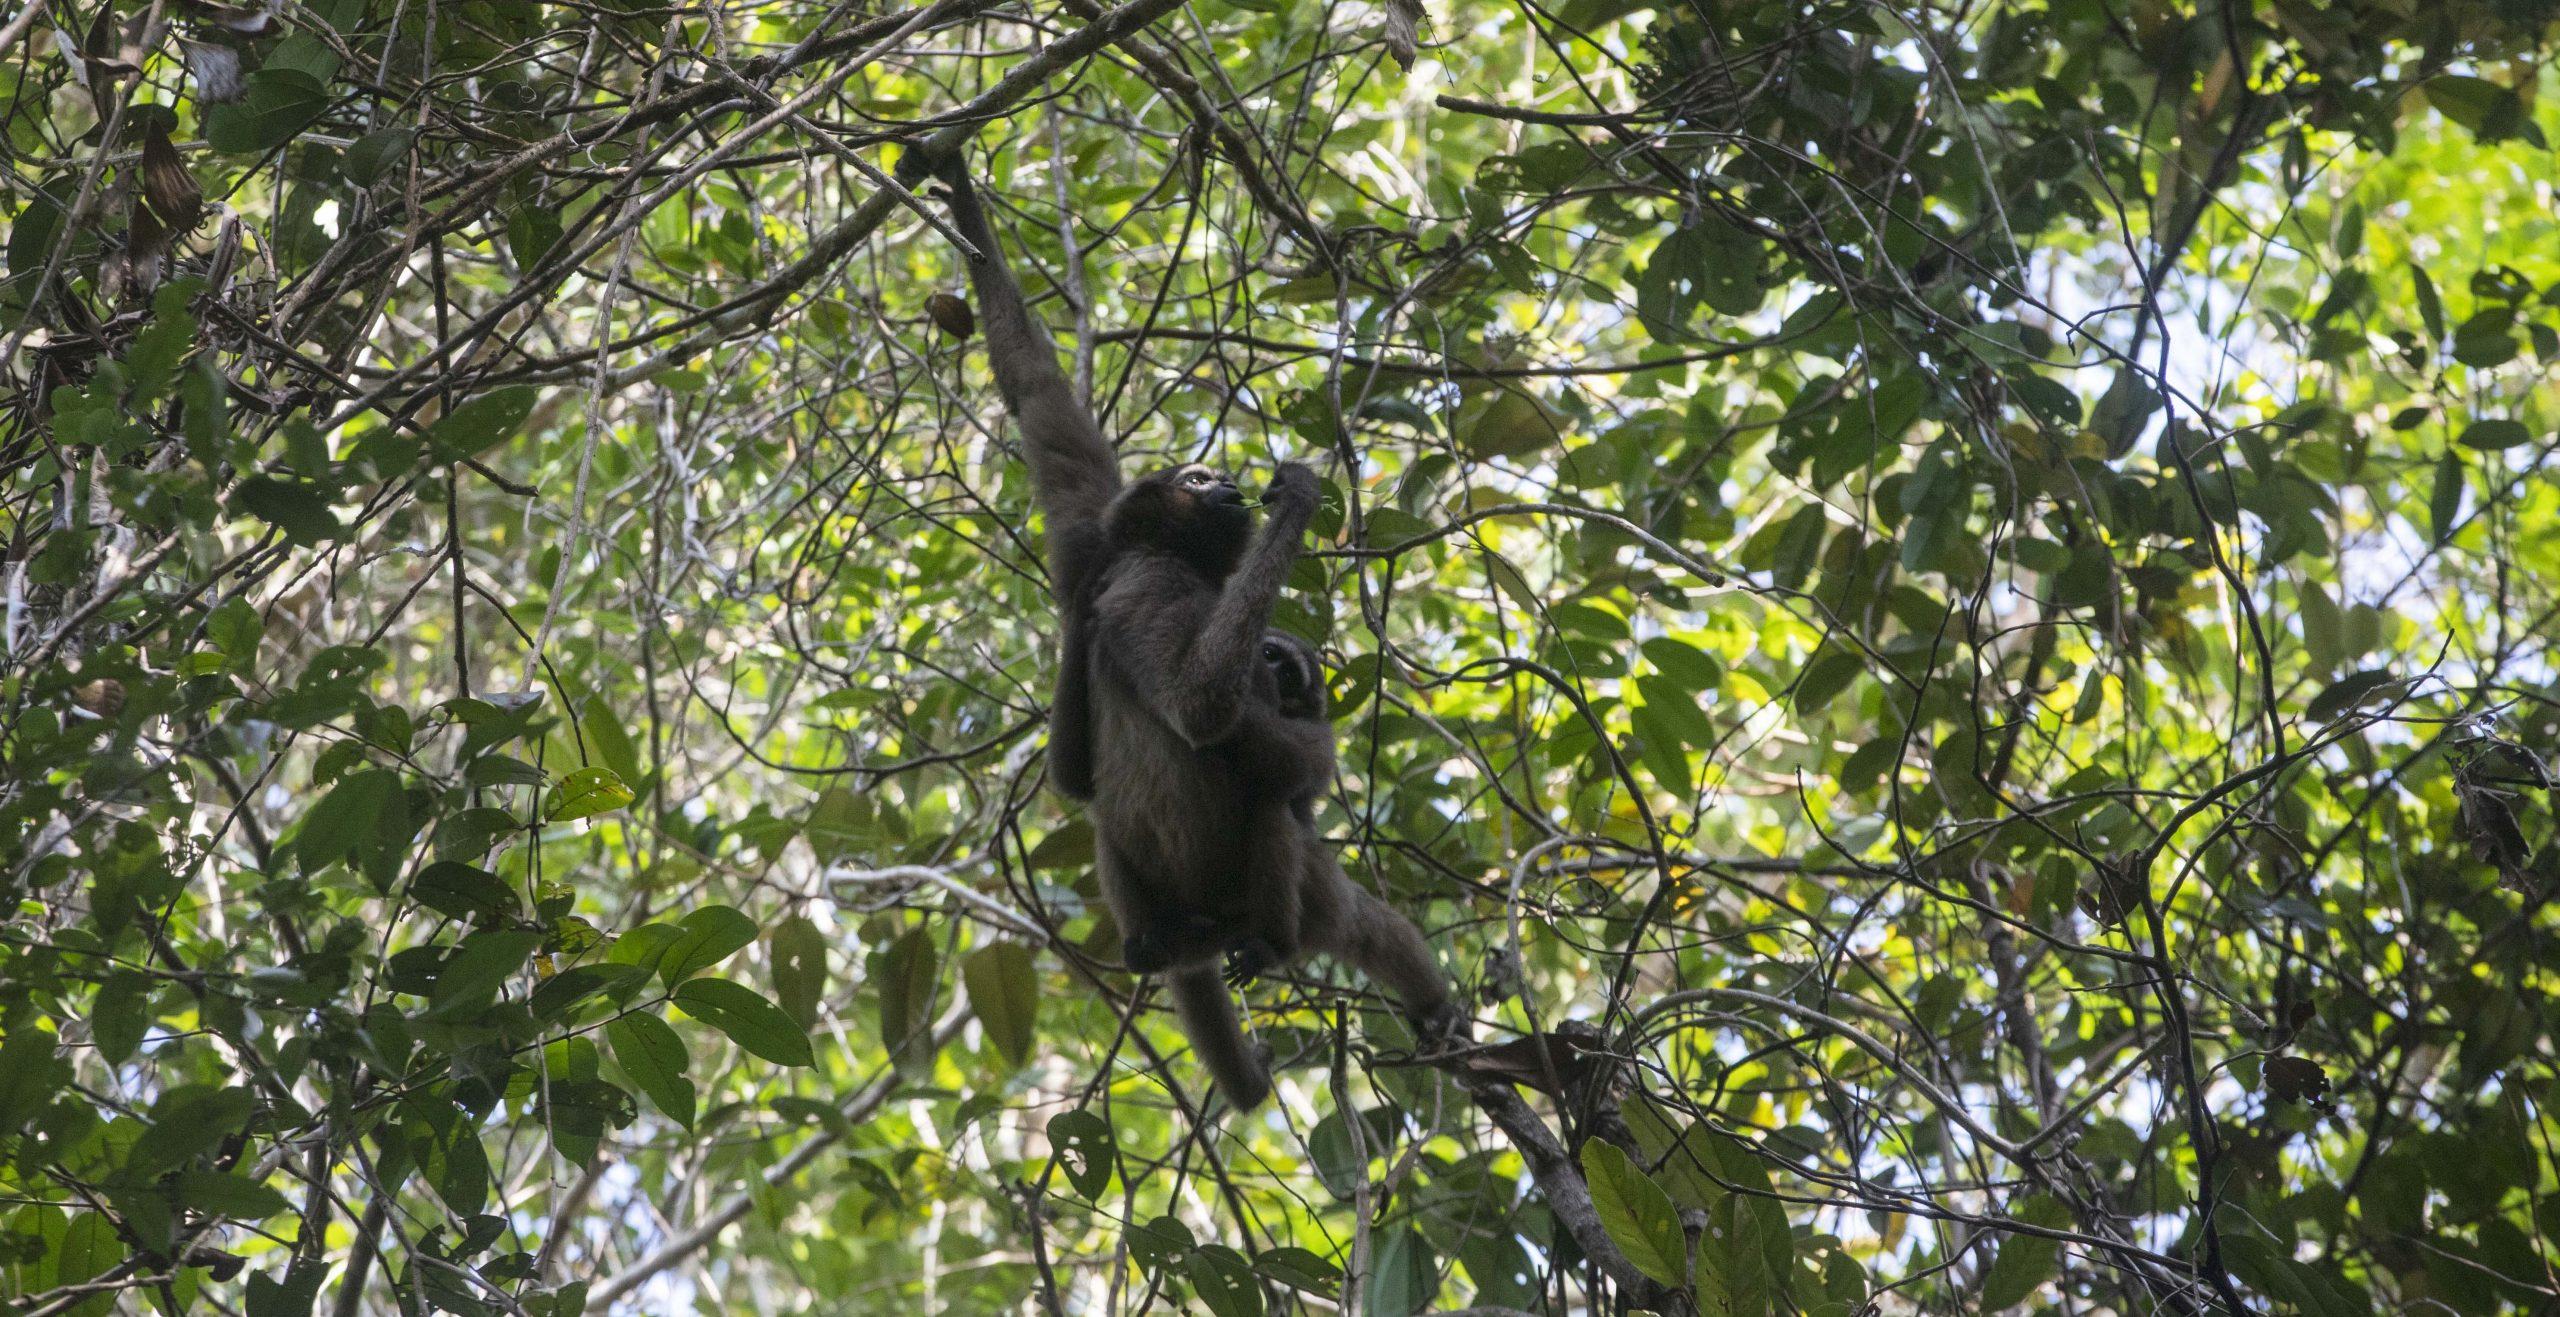 Bornean white-bearded gibbon (Hylobates albibarbis), Sabangau Forest, Central kalimantan